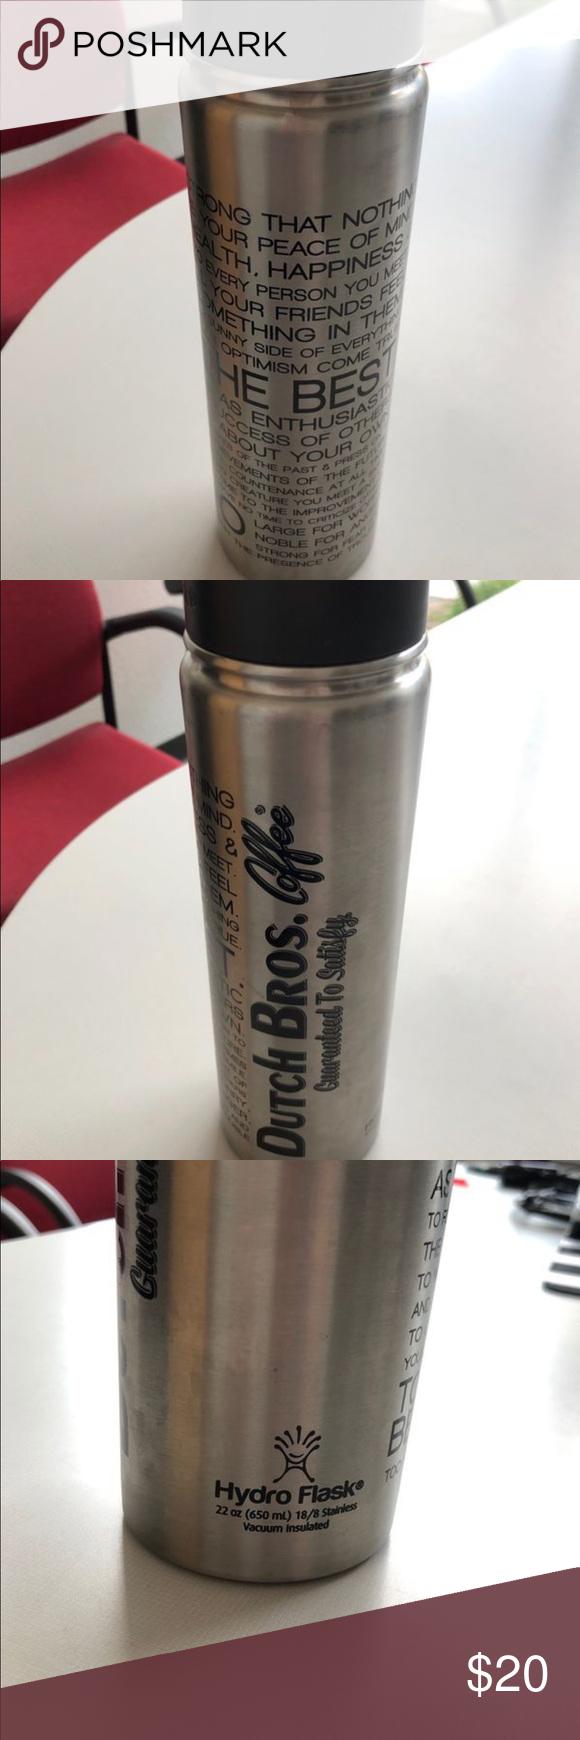 22oz Dutch Bros Hydro Flask DutchBros inspired Hydro Flask dutch bros Dining Drinkware #dutchbros 22oz Dutch Bros Hydro Flask DutchBros inspired Hydro Flask dutch bros Dining Drinkware #dutchbros